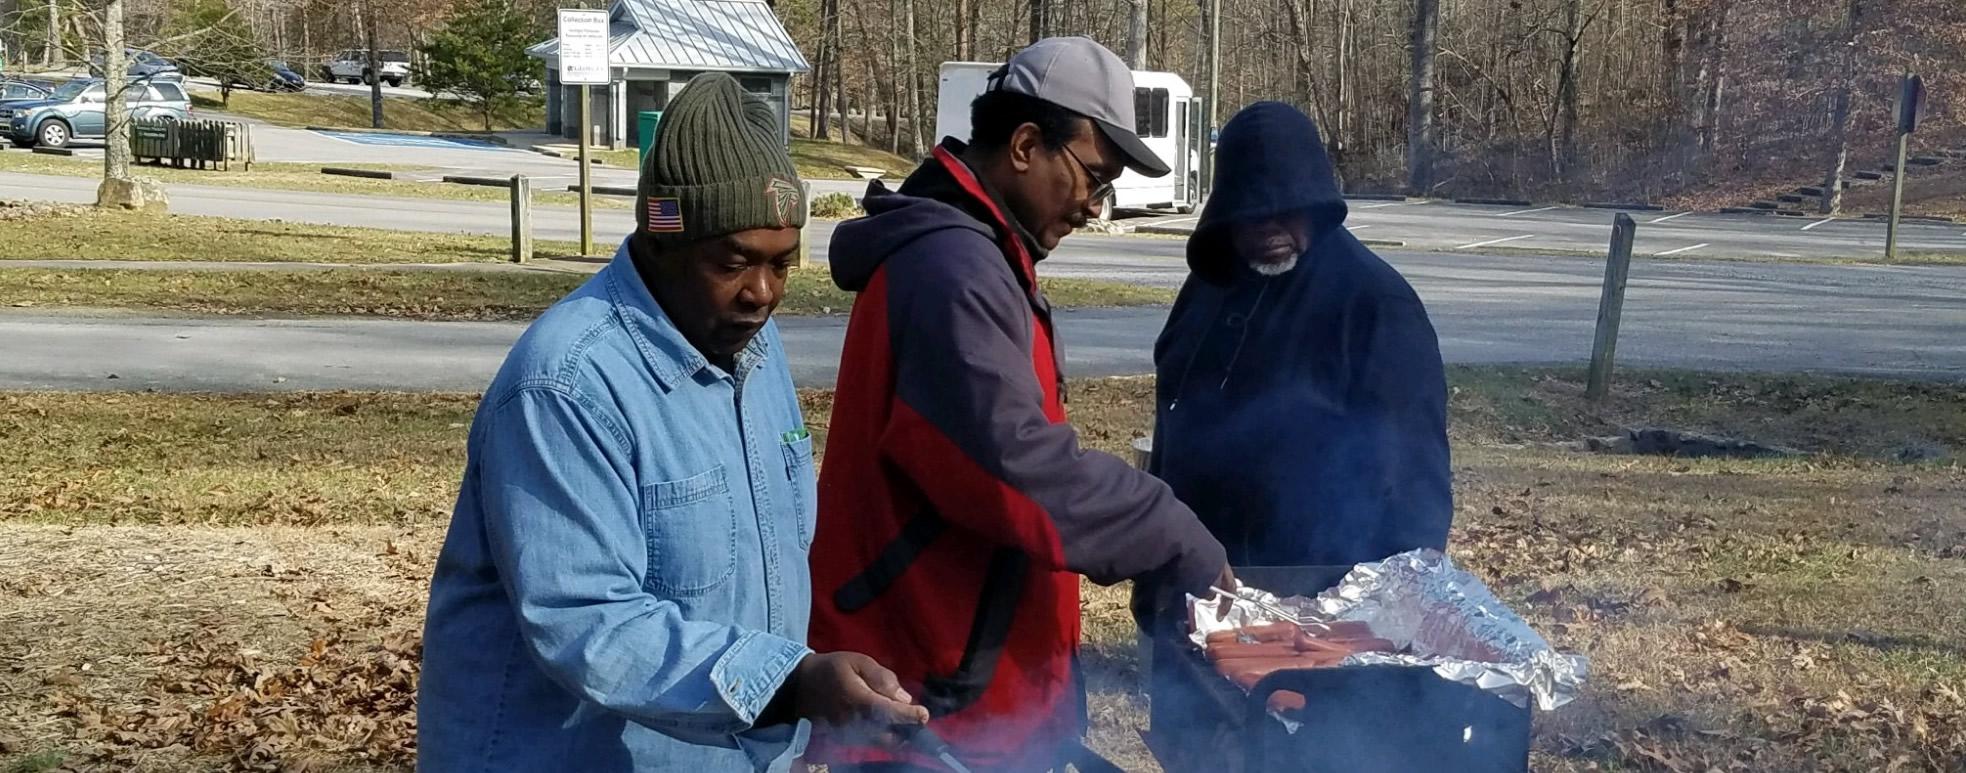 men_grilling